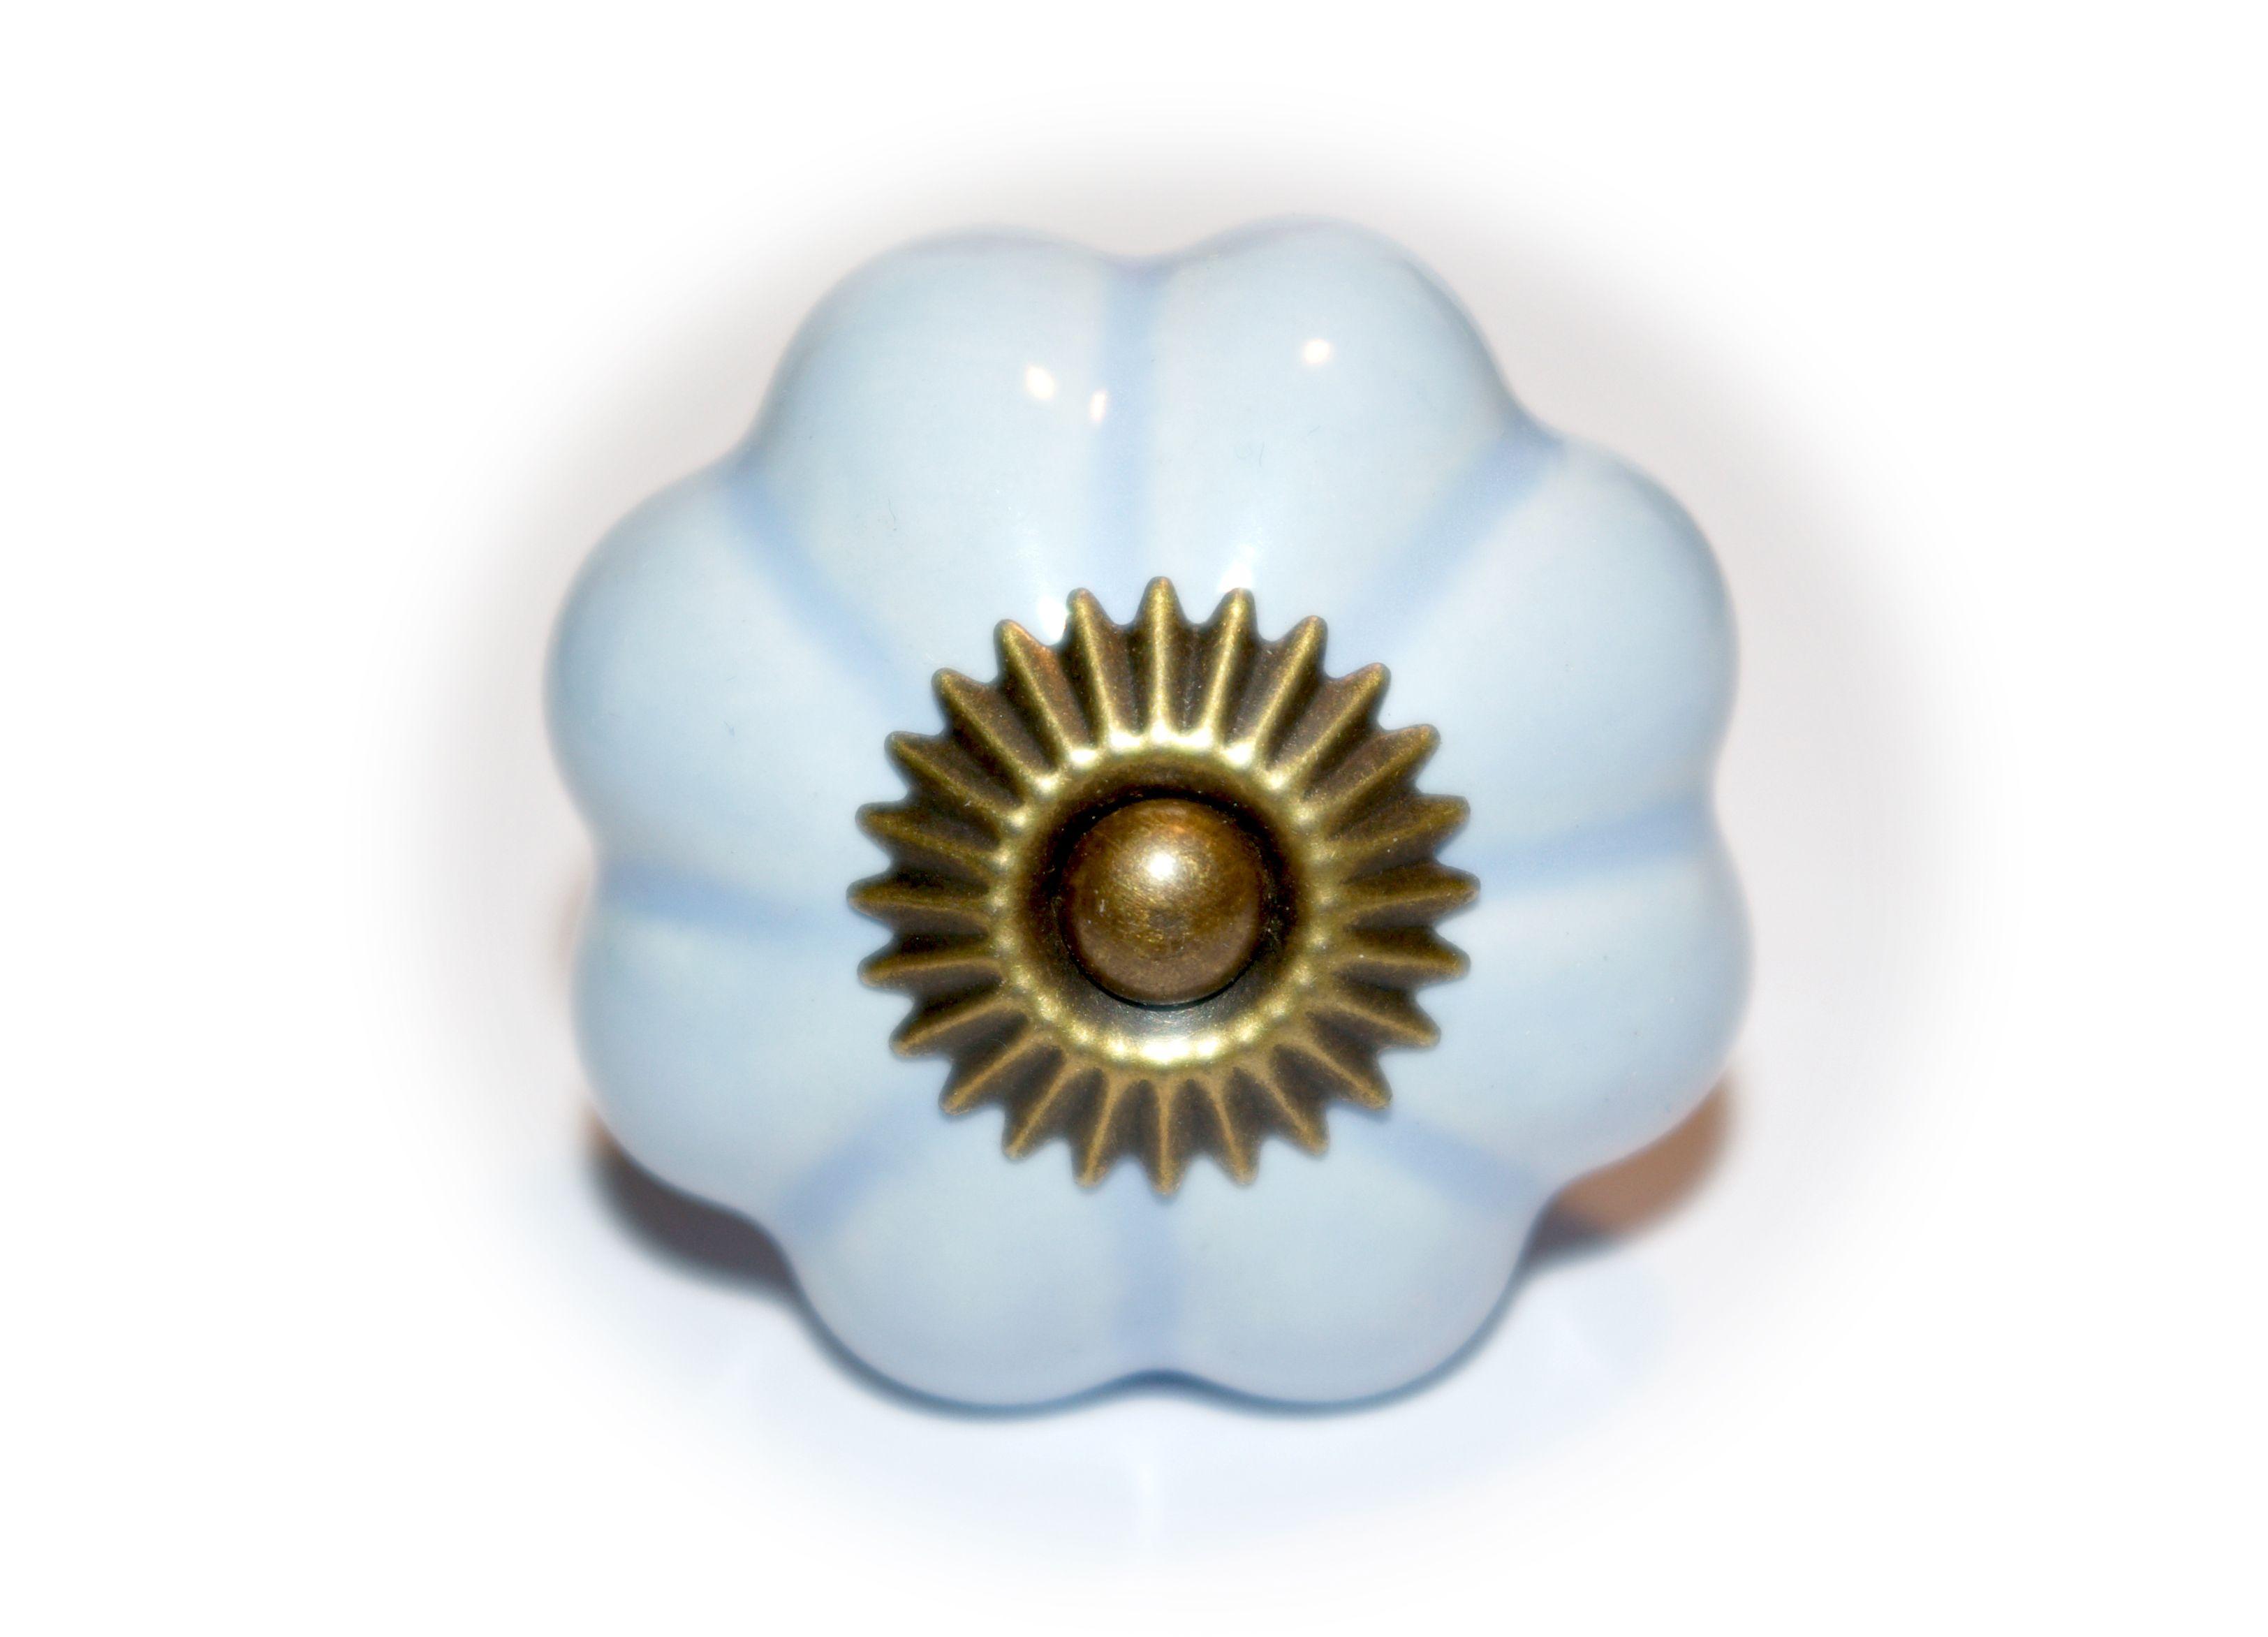 kastknoppen zwart : Porseleinen Kastknop Bloem Blauw Te Koop Bij Bonna Dotta Http